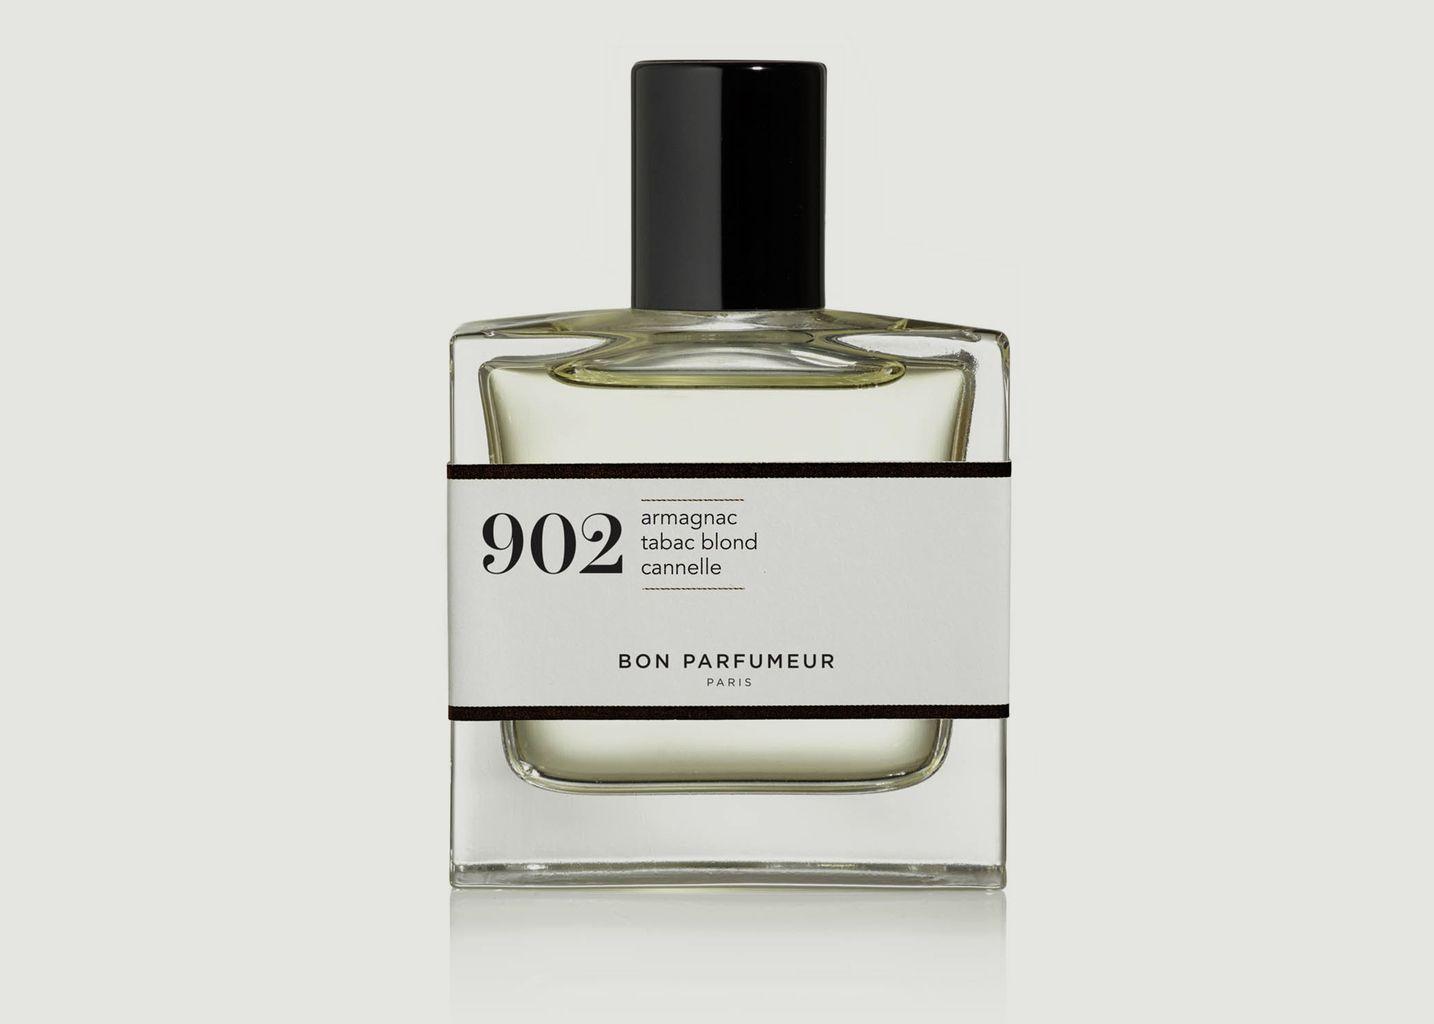 Eau de Parfum 902 Armagnac Tabac Blond Cannelle Spécial  - Bon Parfumeur